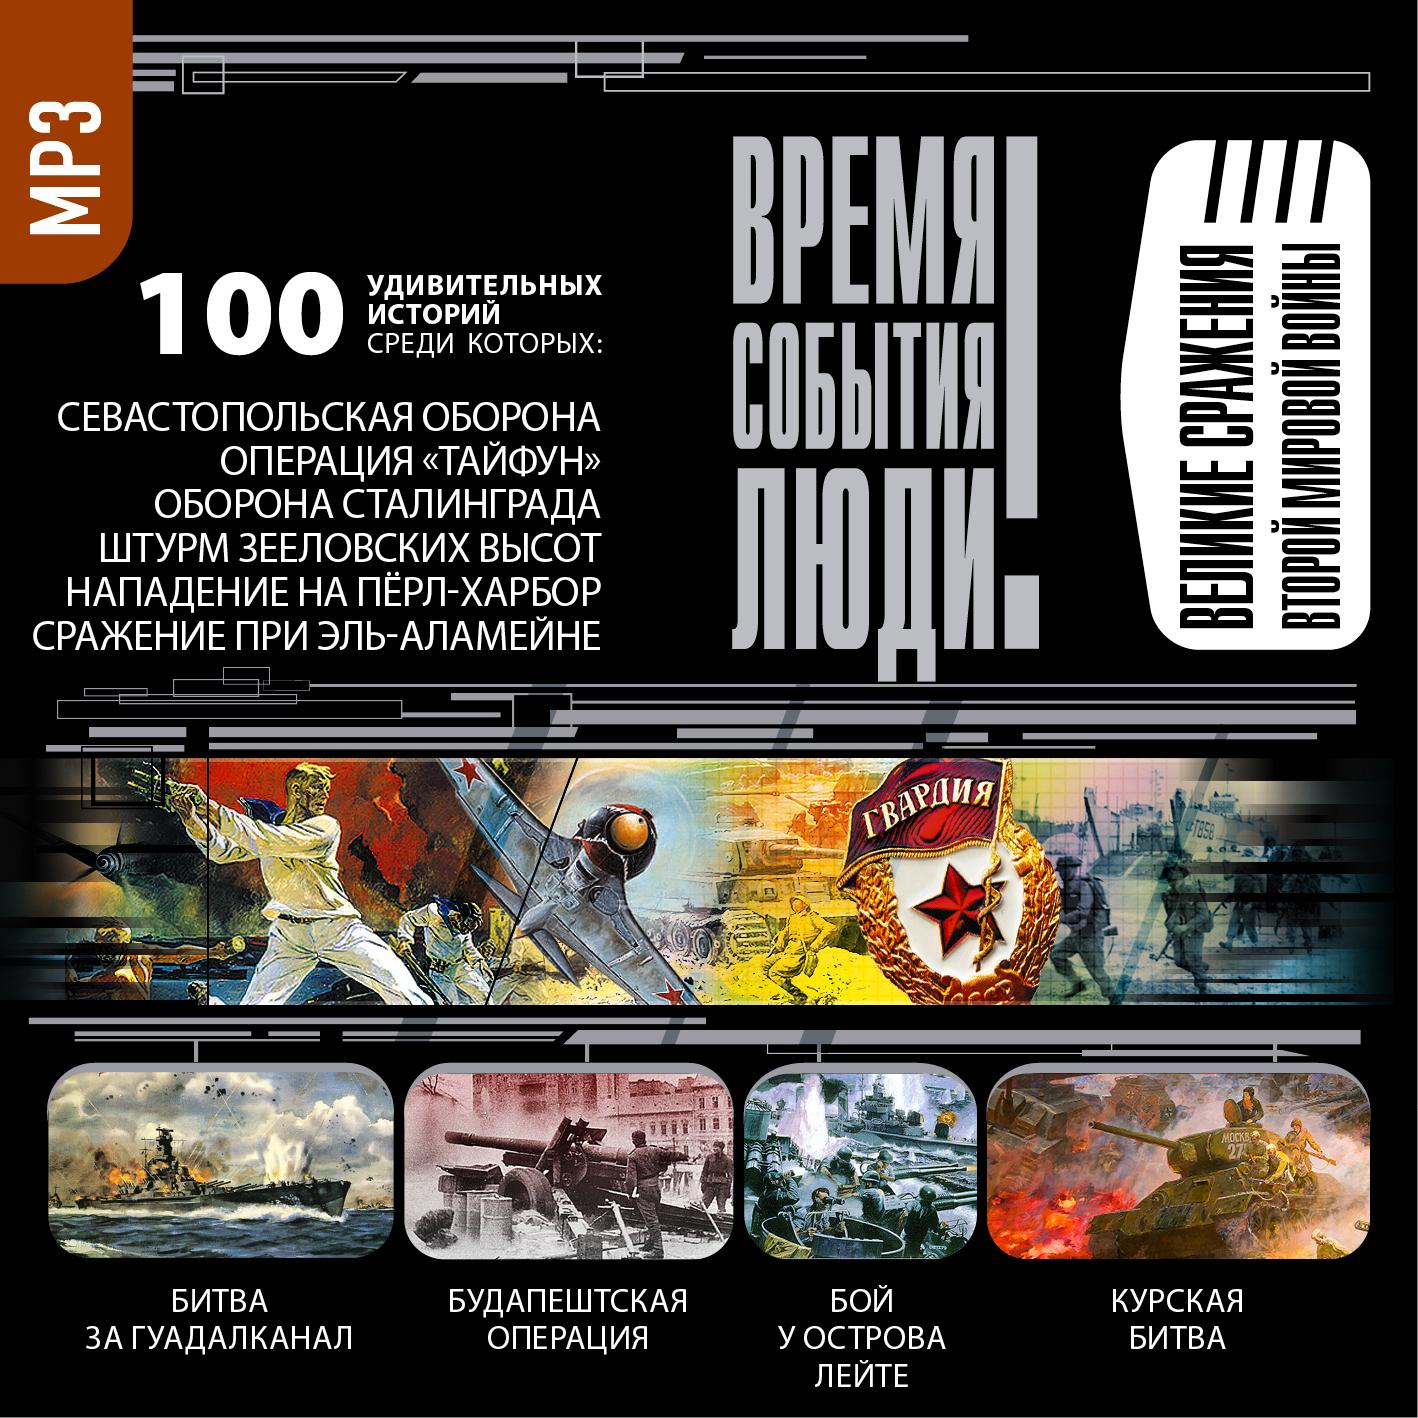 Сборник Великие сражения Второй мировой войны жмуцкий дмитрий операция антинато феодосийская модель сборник